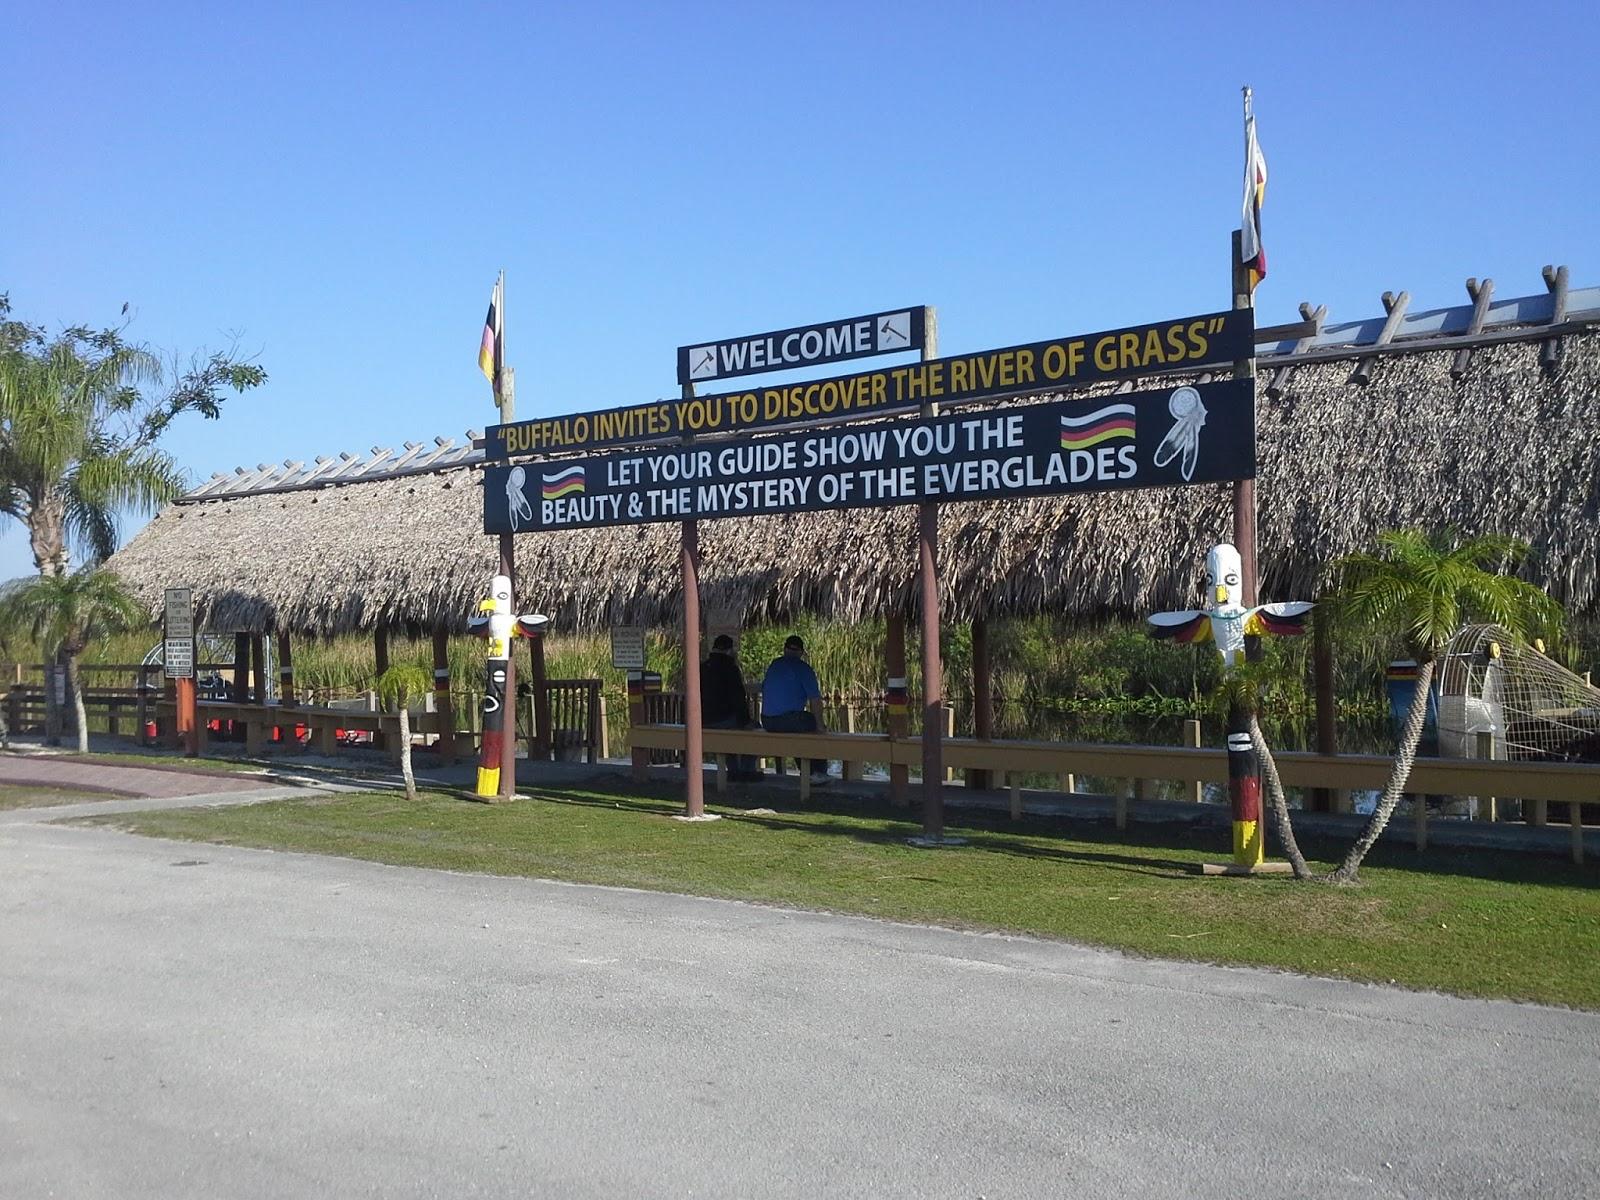 La visite des Everglades en Floride